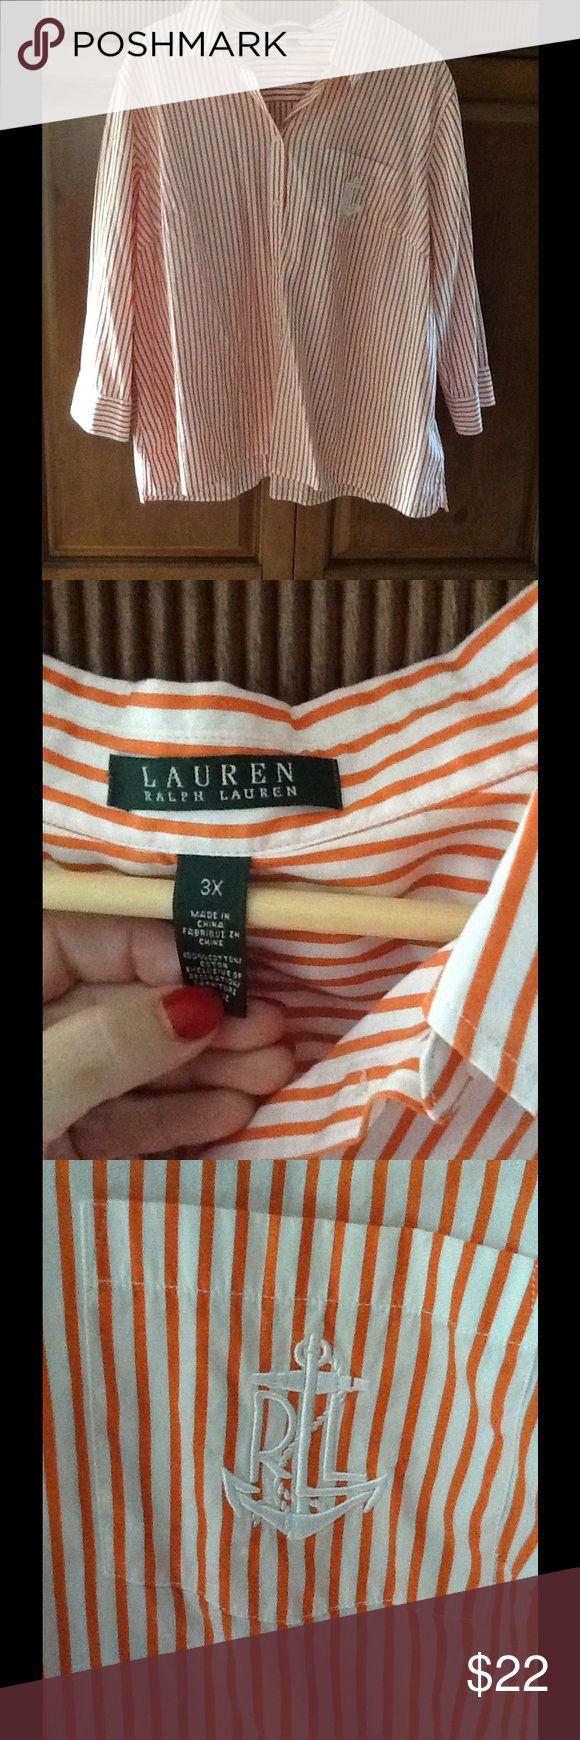 Ralph Lauren 3X Women's Orange Shirt Very good shape. Comes from a non smoking house. Ralph Lauren Shorts